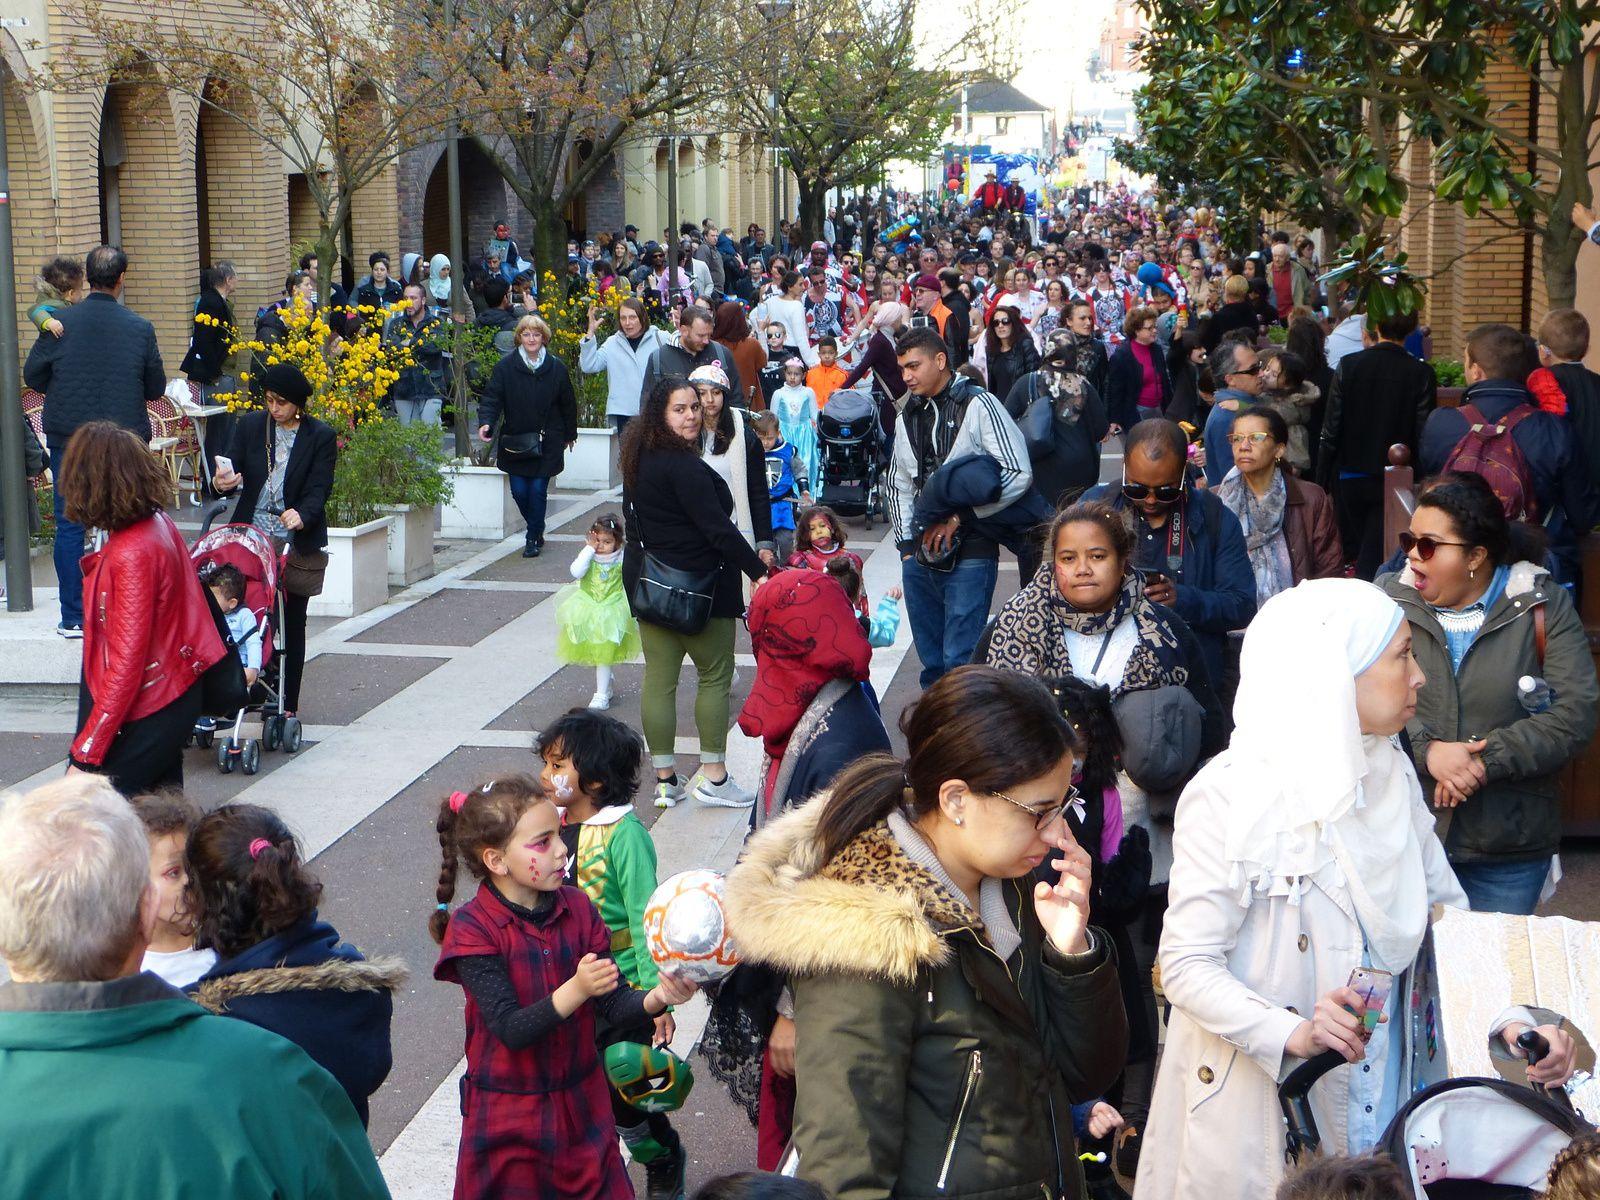 Carnaval de Cachan du 25 mars 2017....merci à tous pour ces moments festifs.